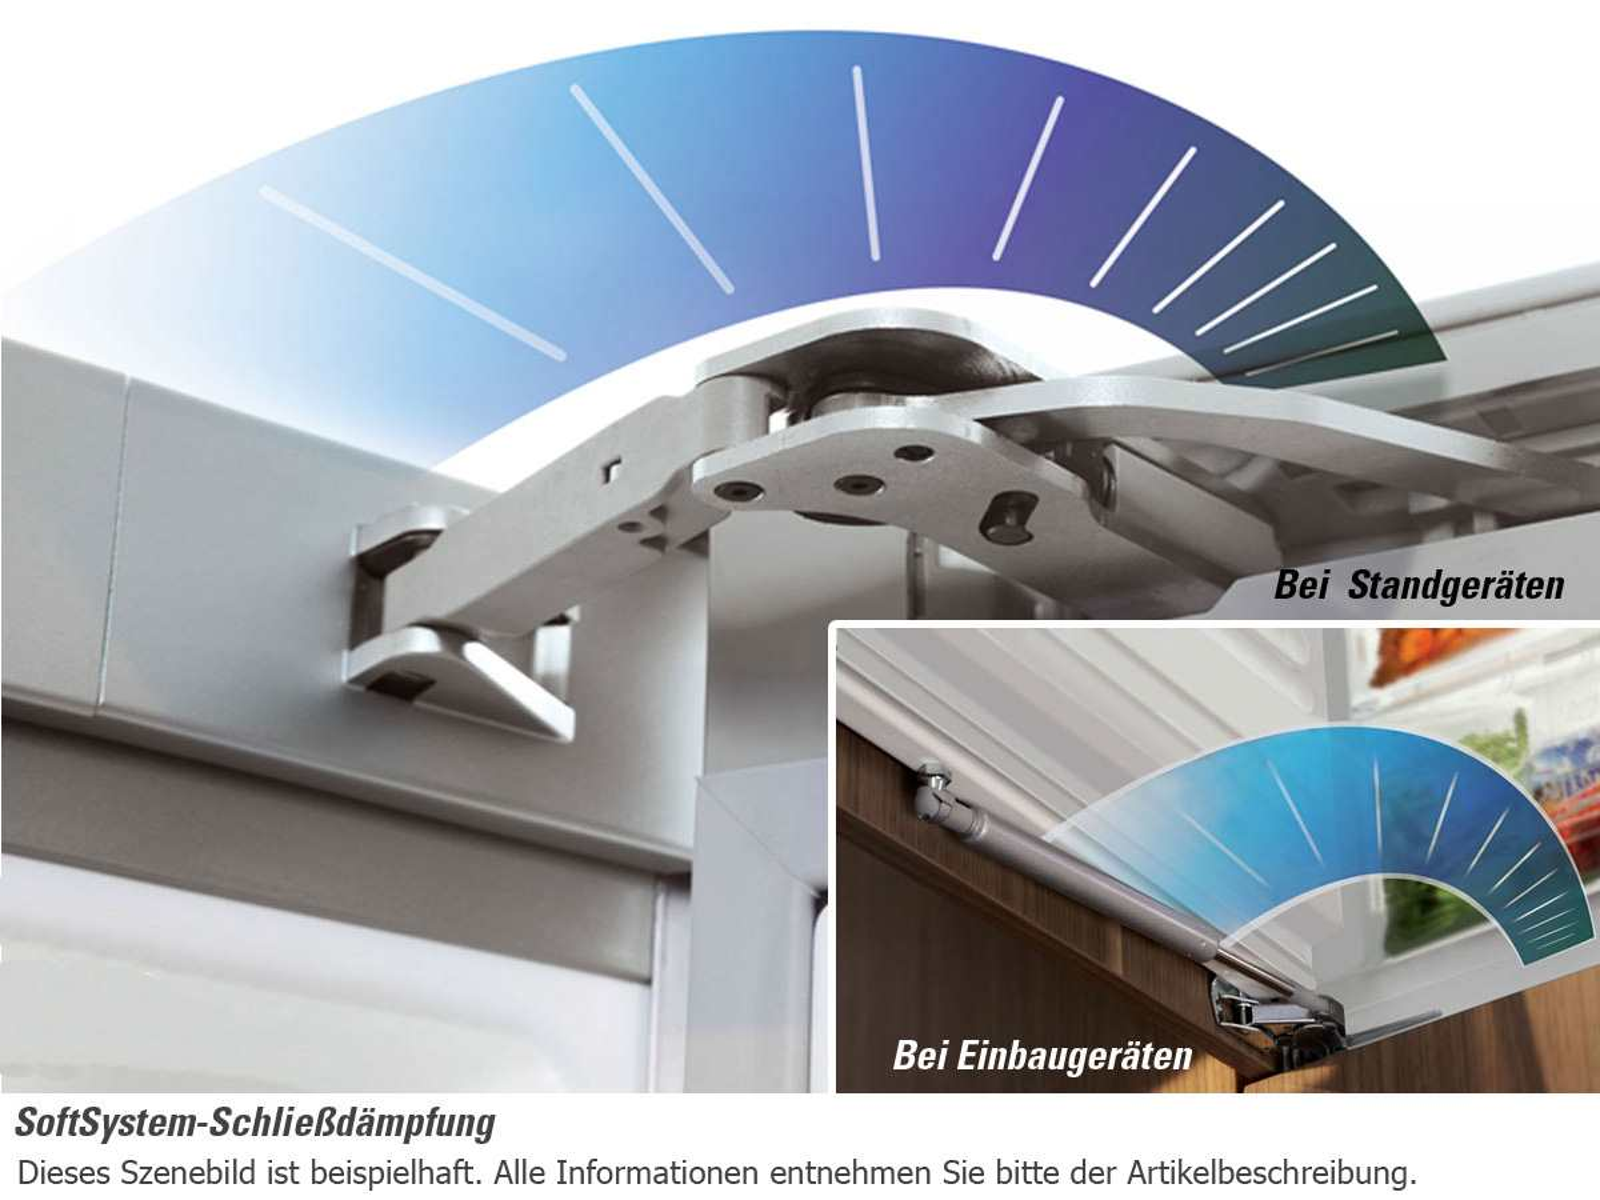 liebherr kbp 4354 premium biofresh standk hlschrank wei a. Black Bedroom Furniture Sets. Home Design Ideas